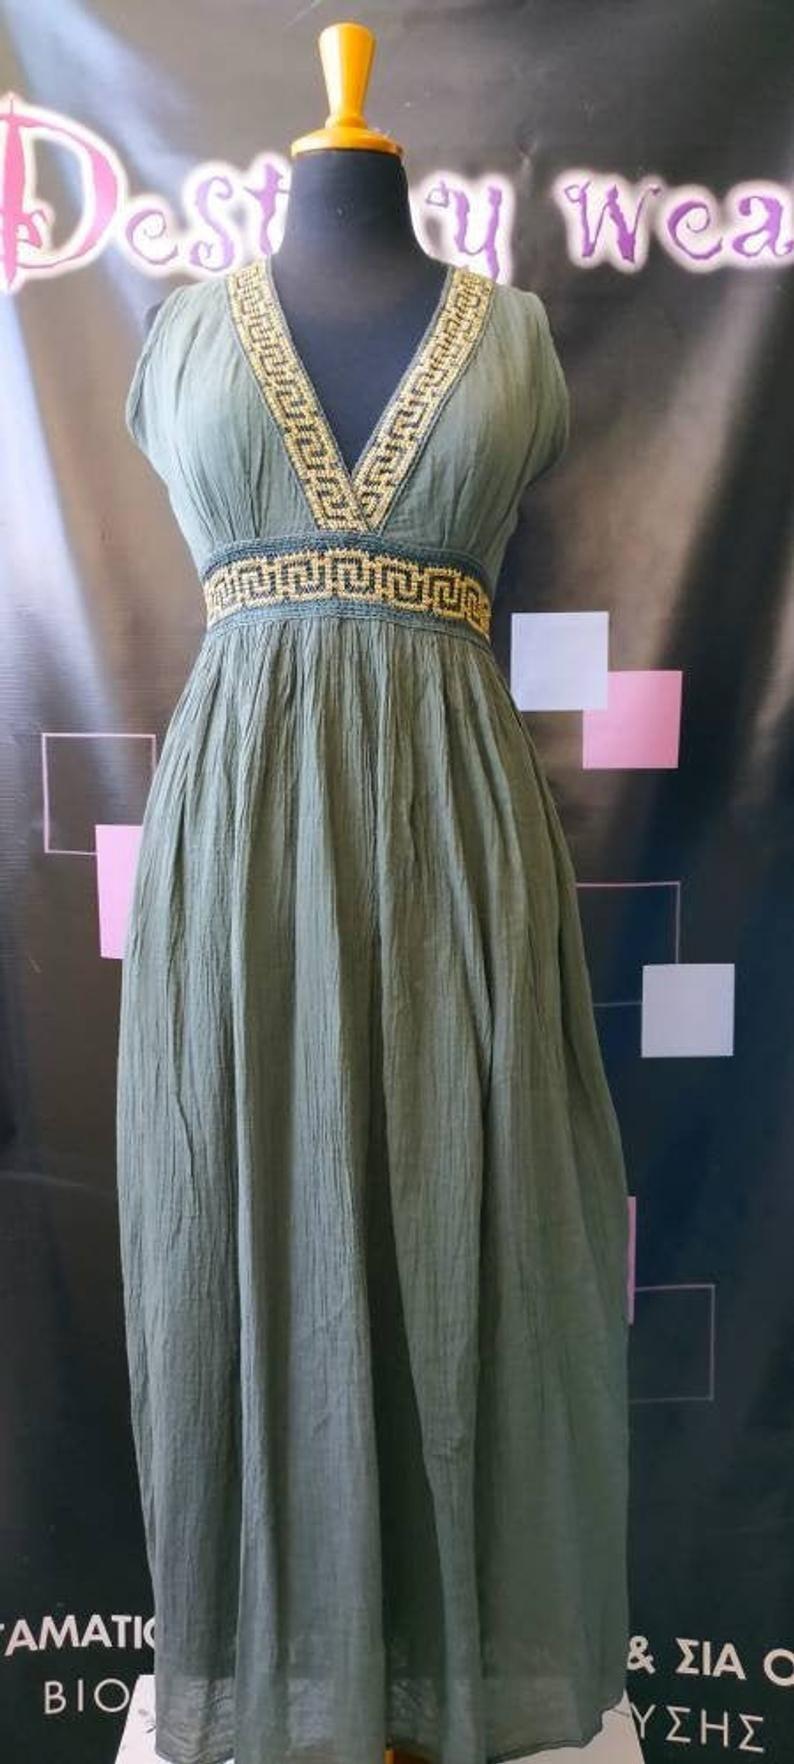 Antike griechische Kleid, Baumwollkleid, antike griechische